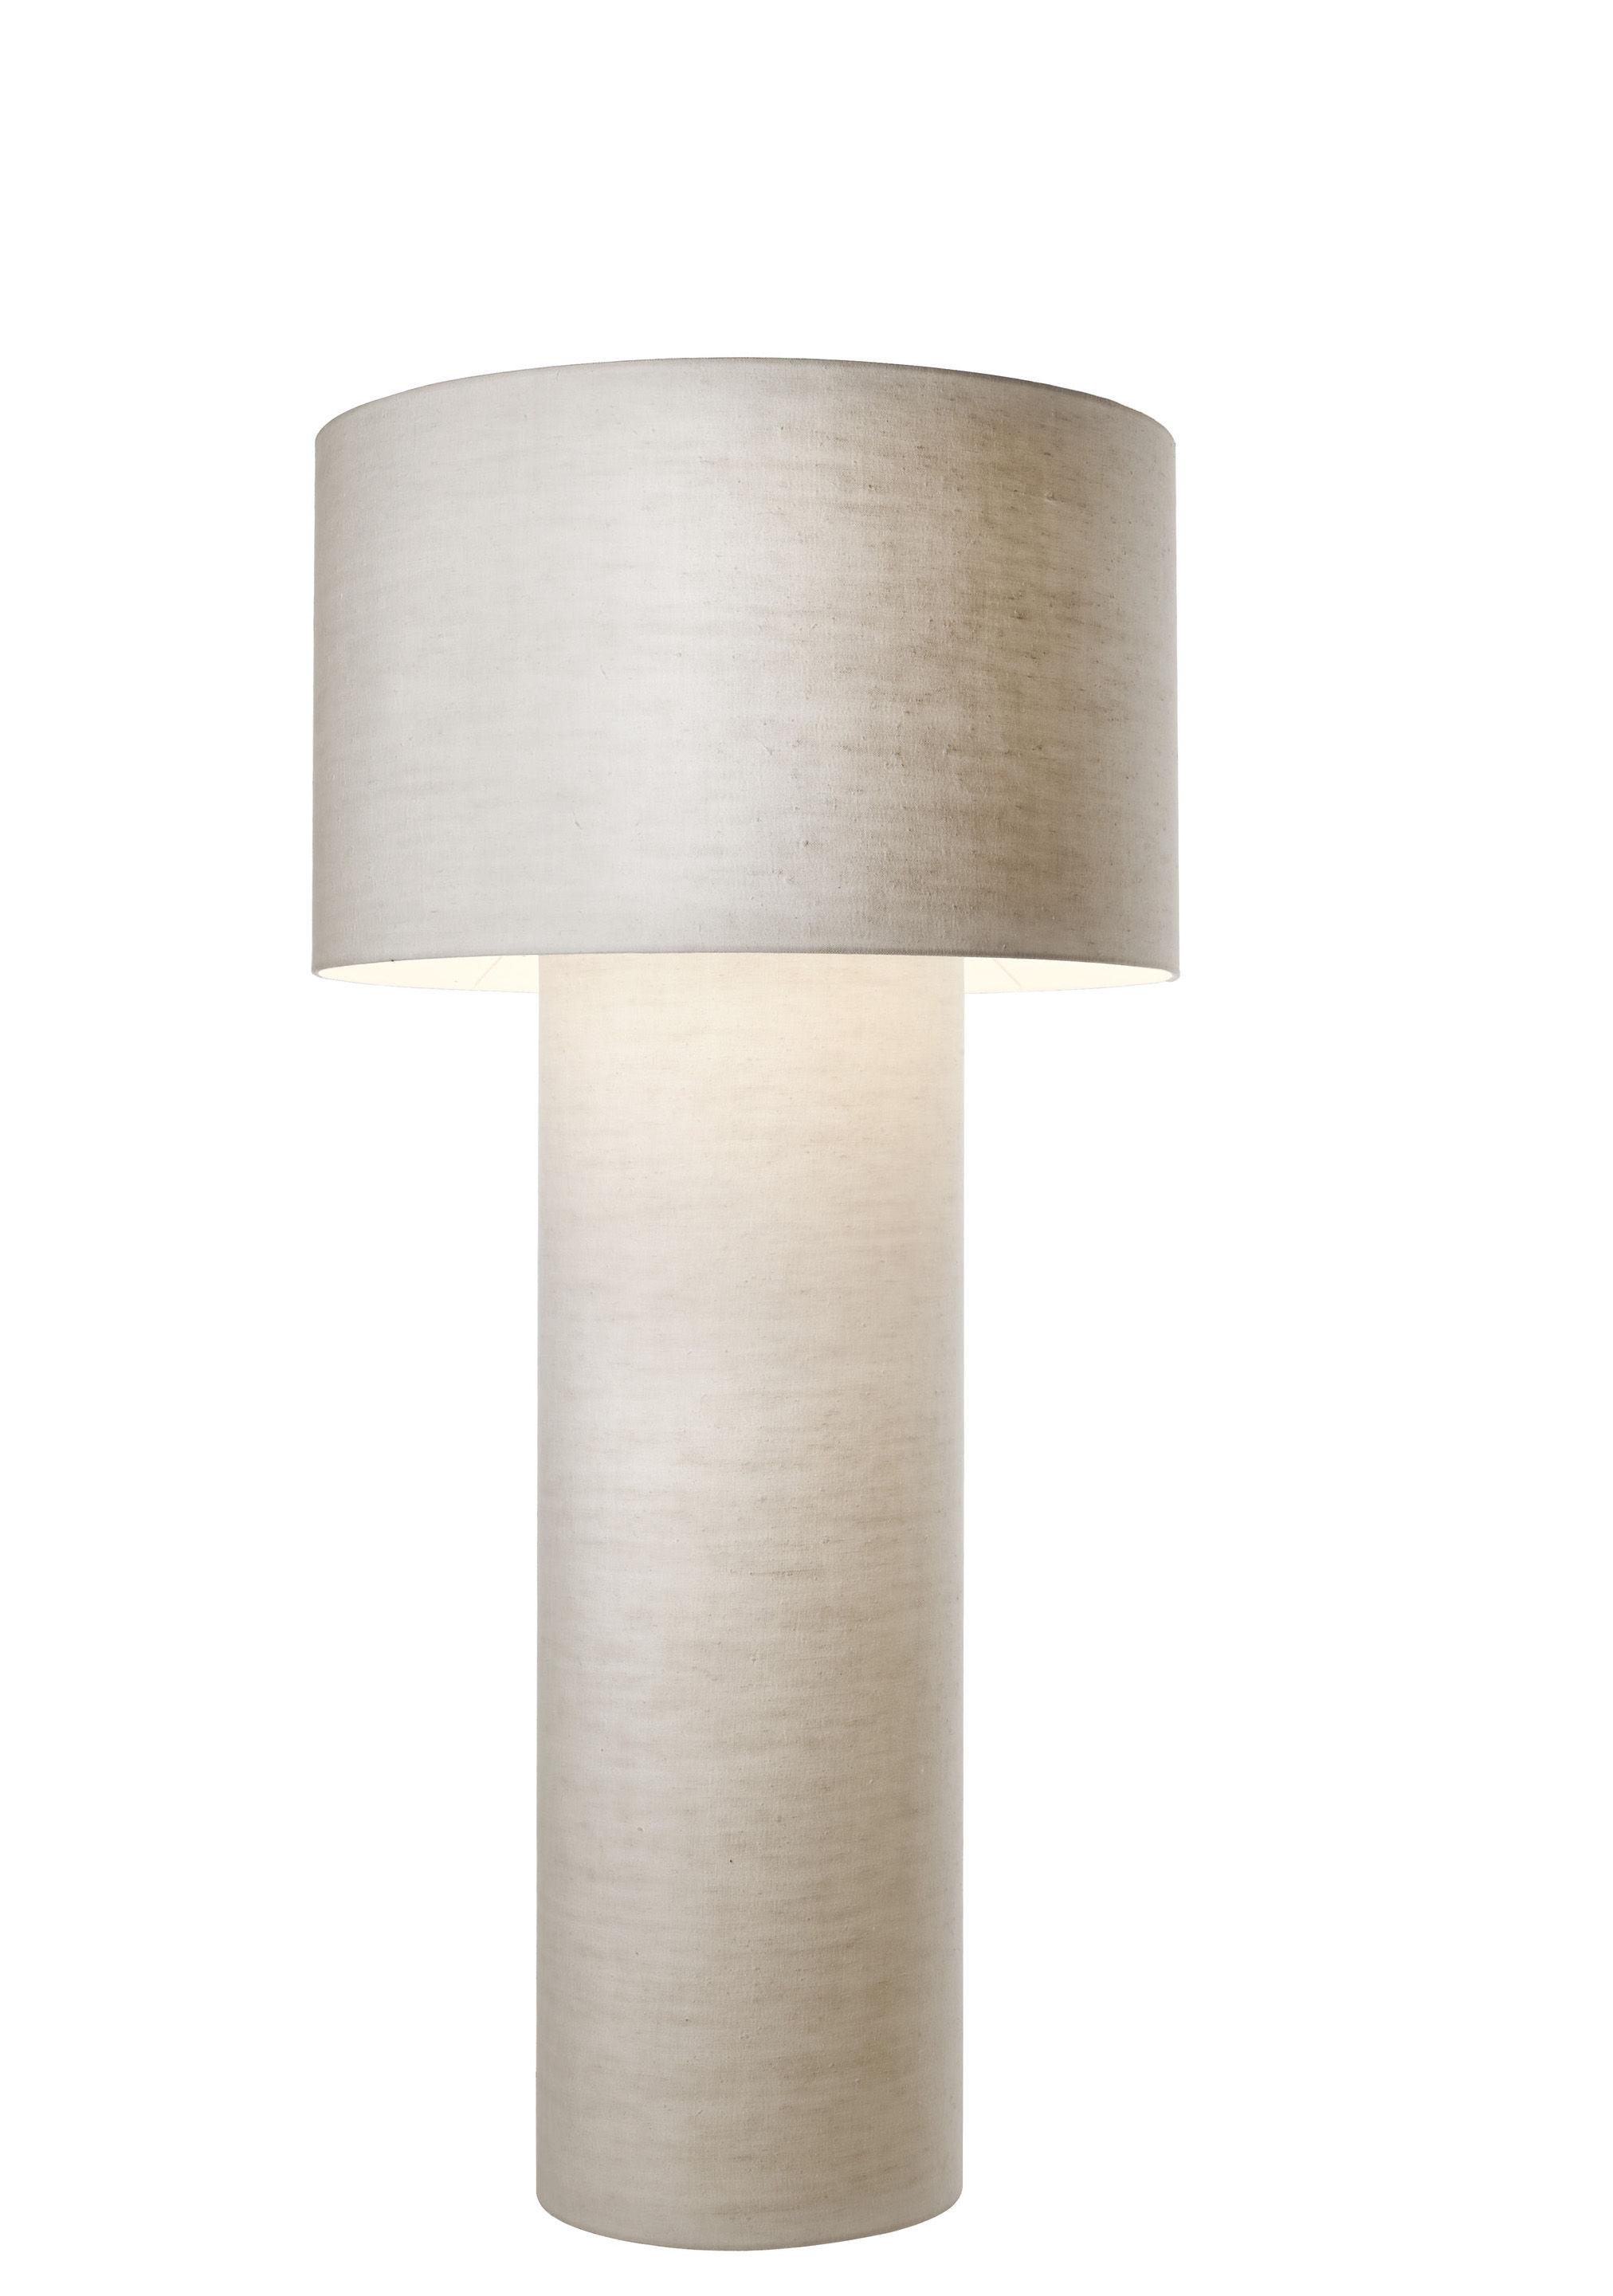 Leuchten - Stehleuchten - Pipe Stehleuchte Größe M / H 149 cm - Diesel with Foscarini - Weiß - Gewebe, Metall